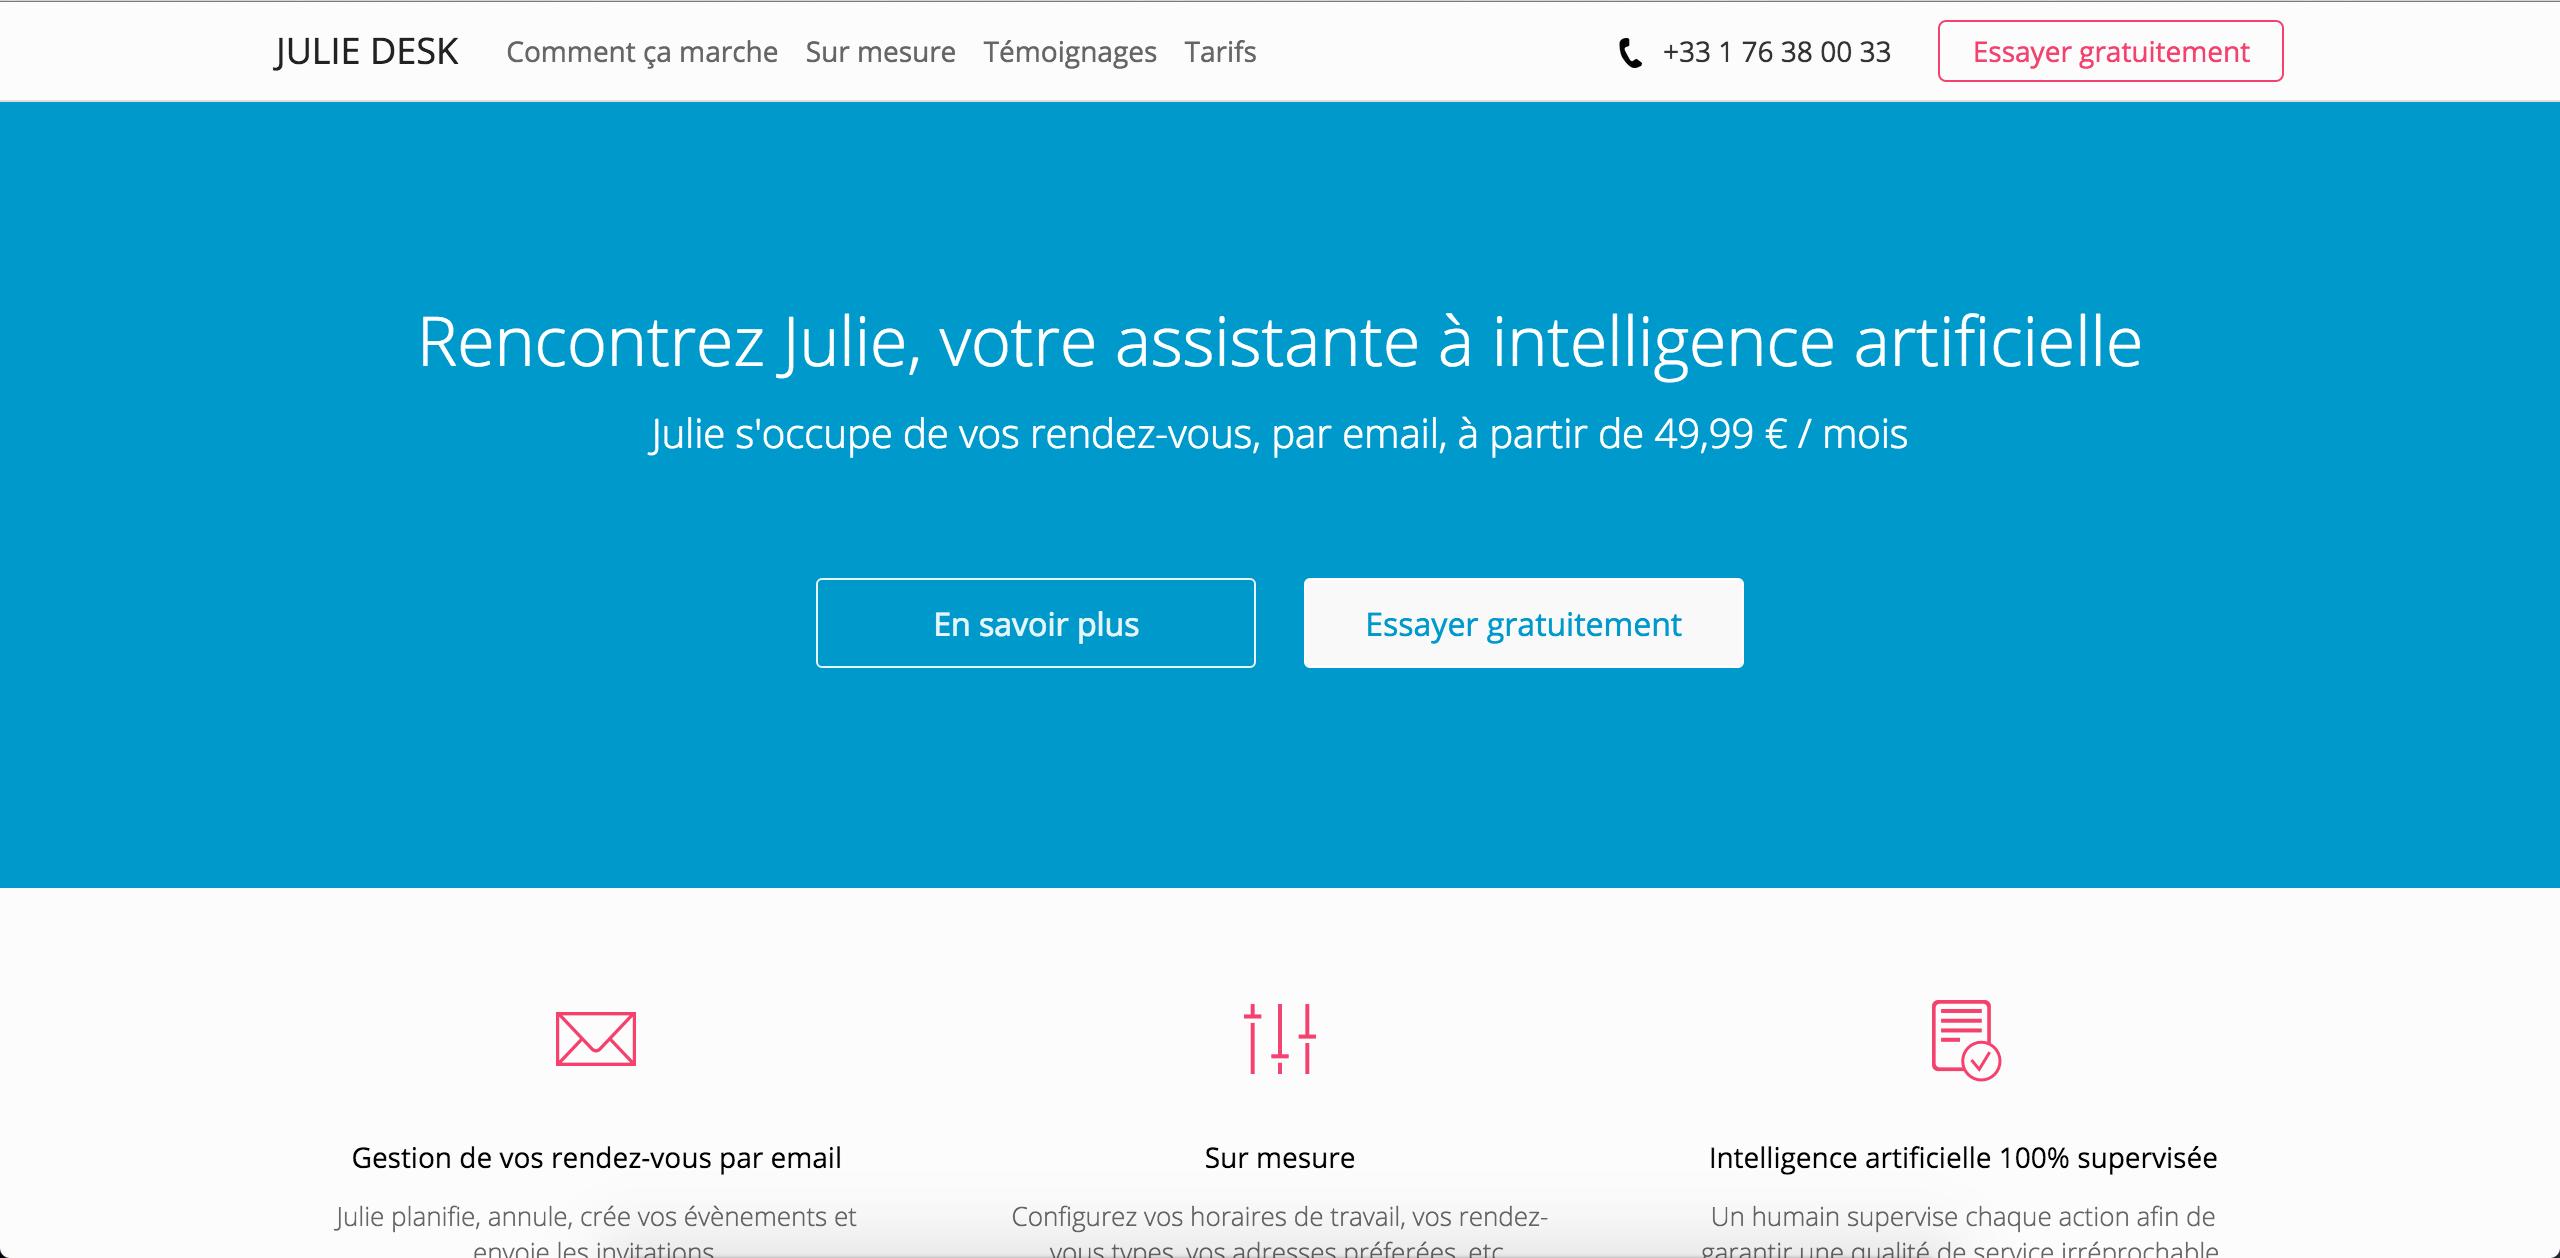 2015 11 09 Juliedesk screenshot